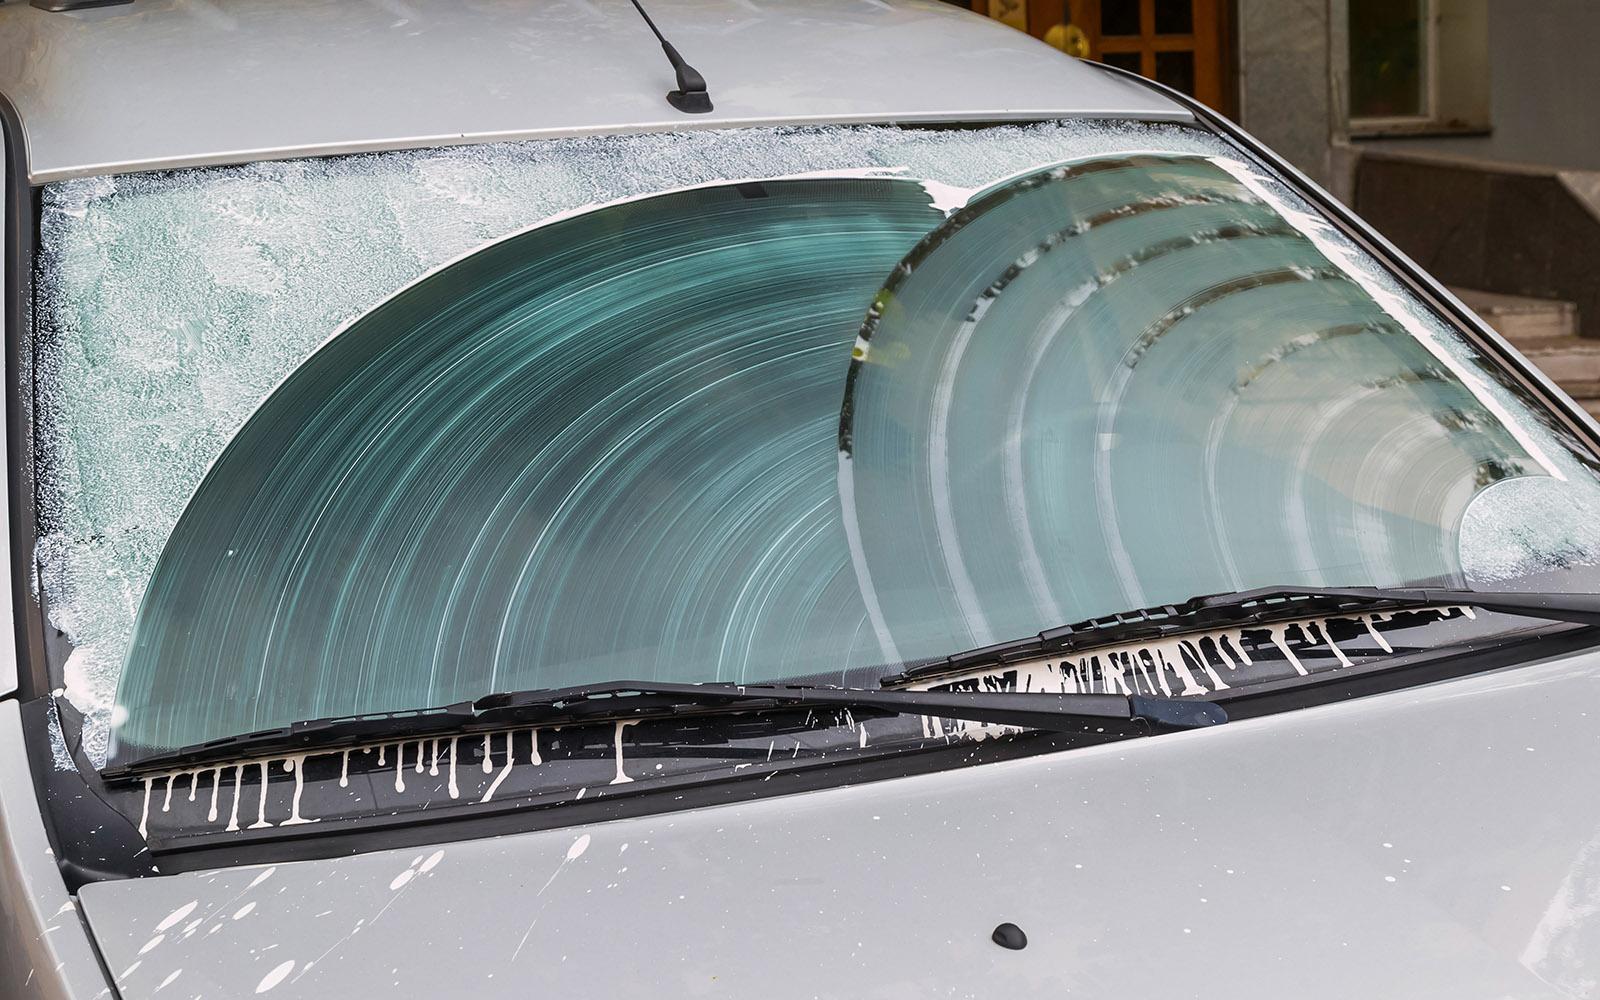 Щетки стеклоочистителей - экспертиза 14 образцов - журнал За рулем